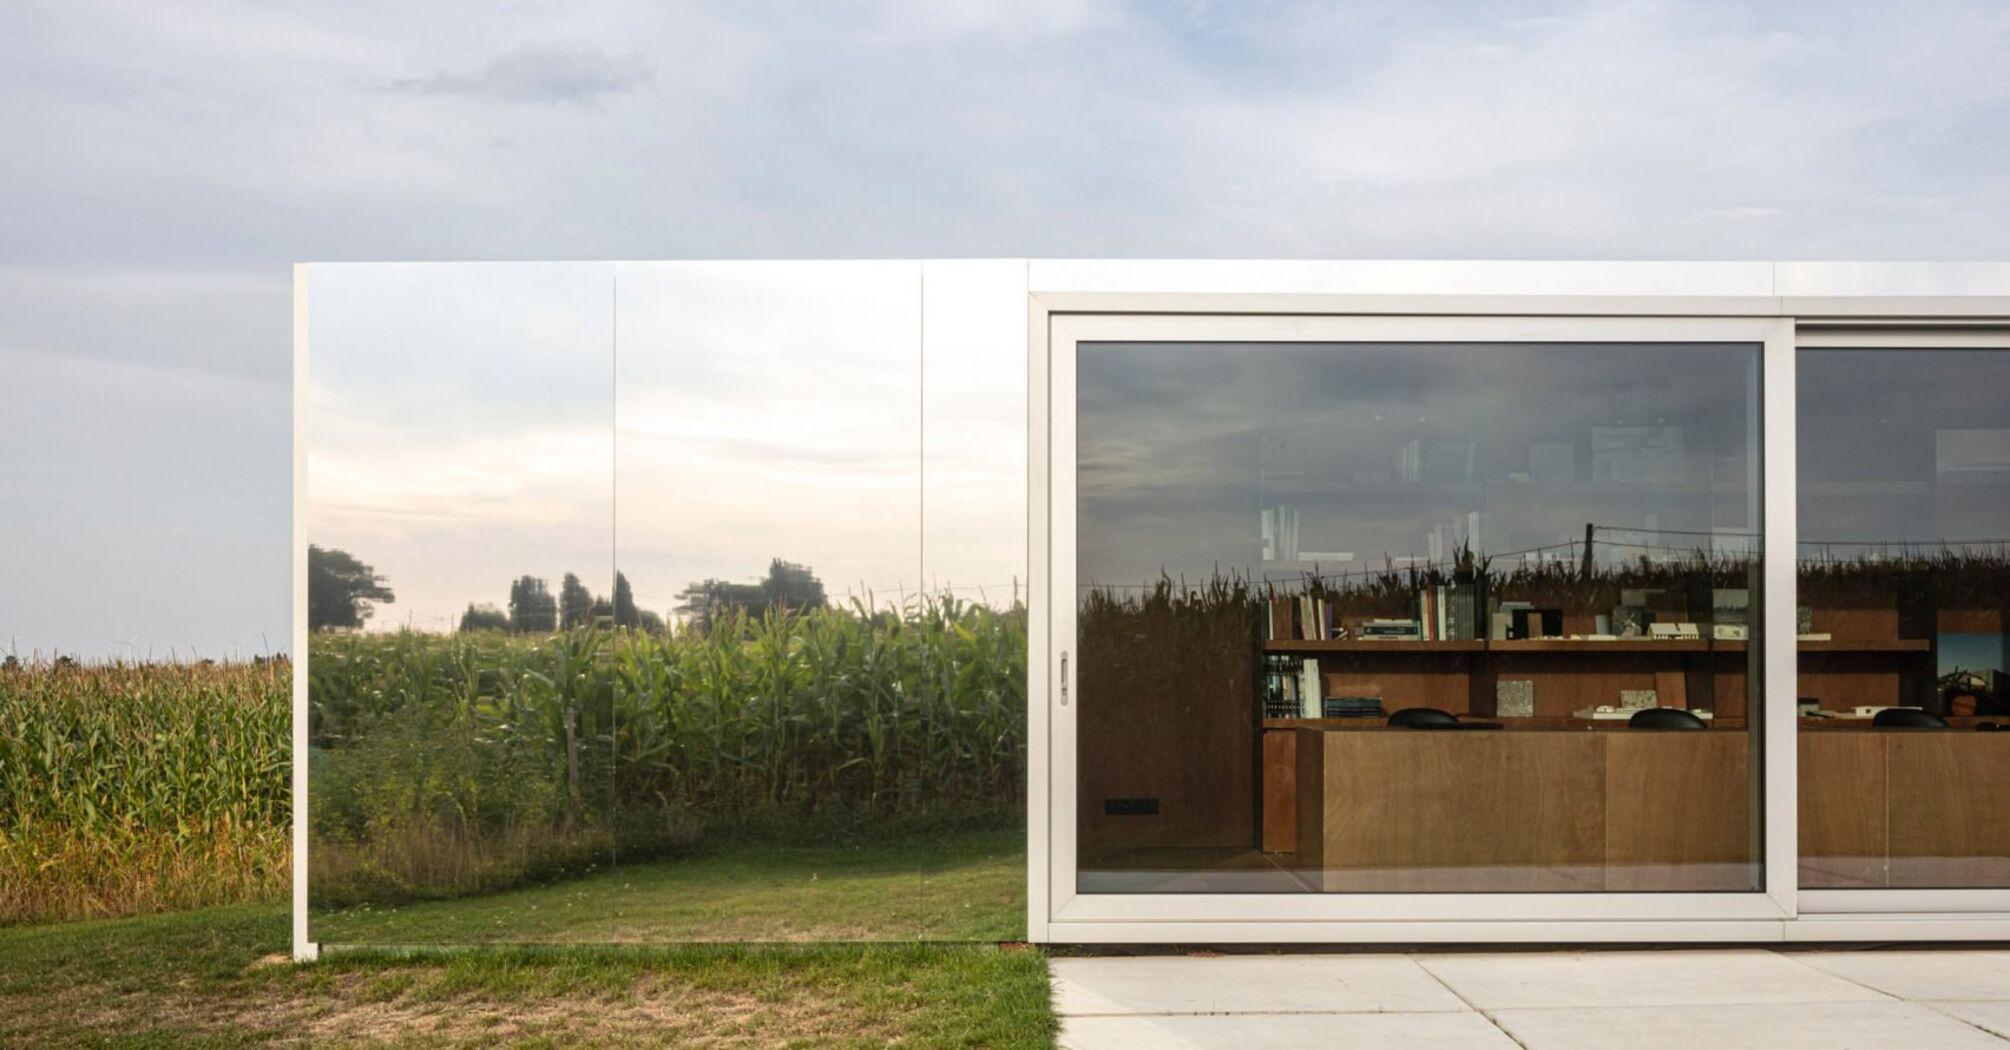 Будиночки з контейнерів зливаються з довкіллям — бо продумано покриті дзеркалами й деревом